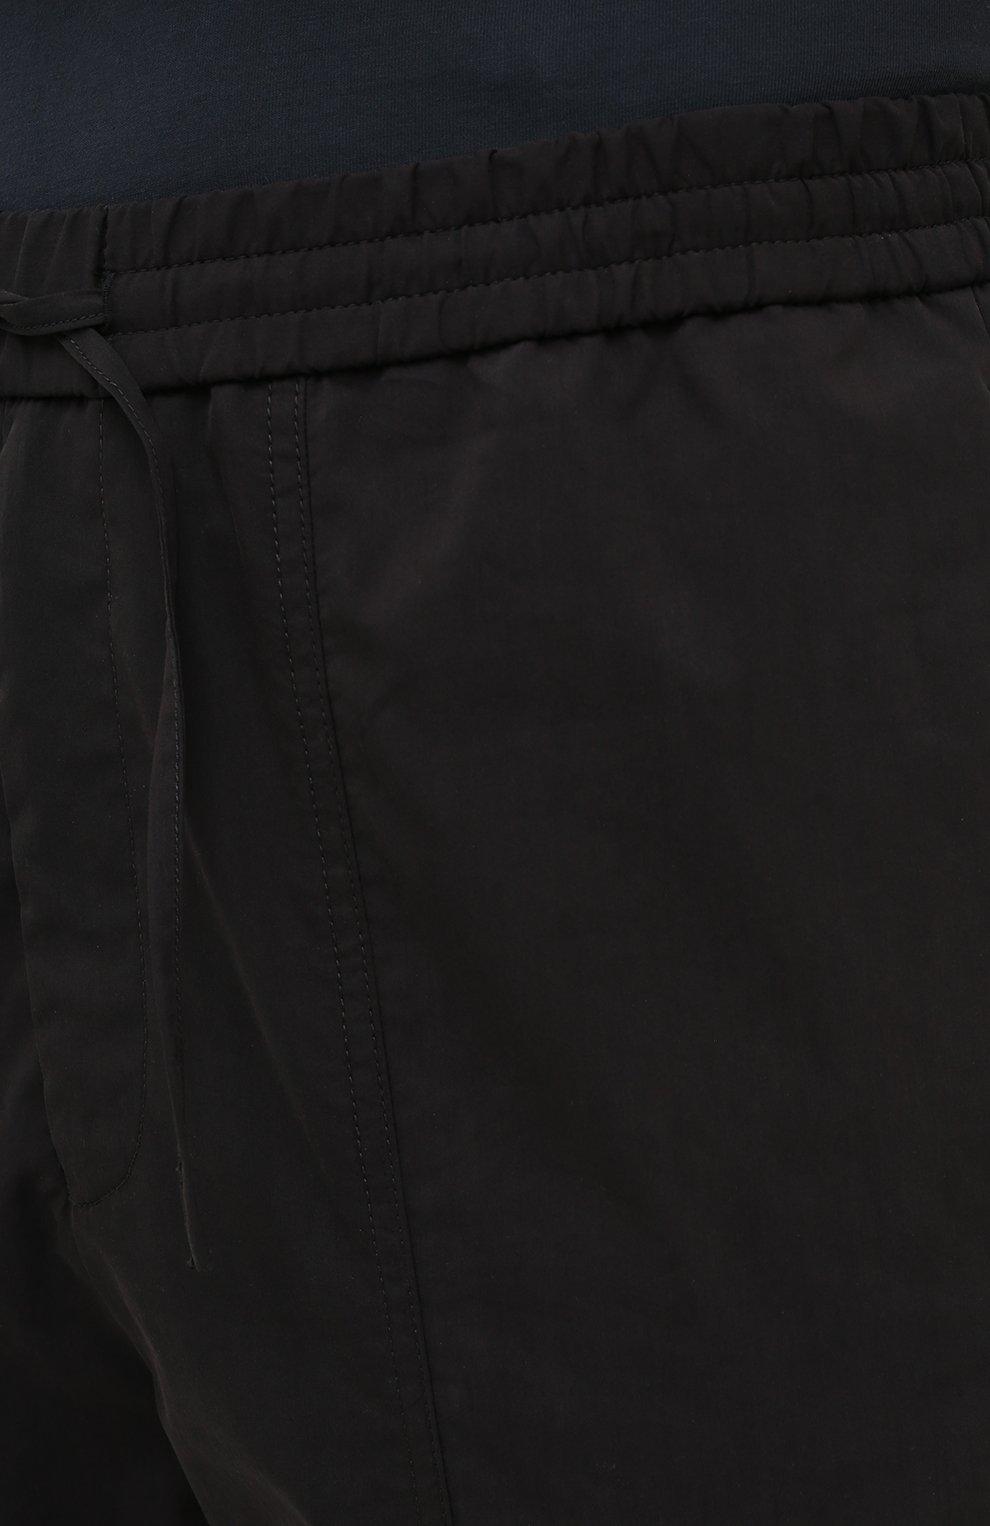 Мужские брюки EMPORIO ARMANI черного цвета, арт. A1P740/A1066   Фото 5 (Длина (брюки, джинсы): Стандартные; Случай: Повседневный; Материал внешний: Синтетический материал, Хлопок; Стили: Кэжуэл)